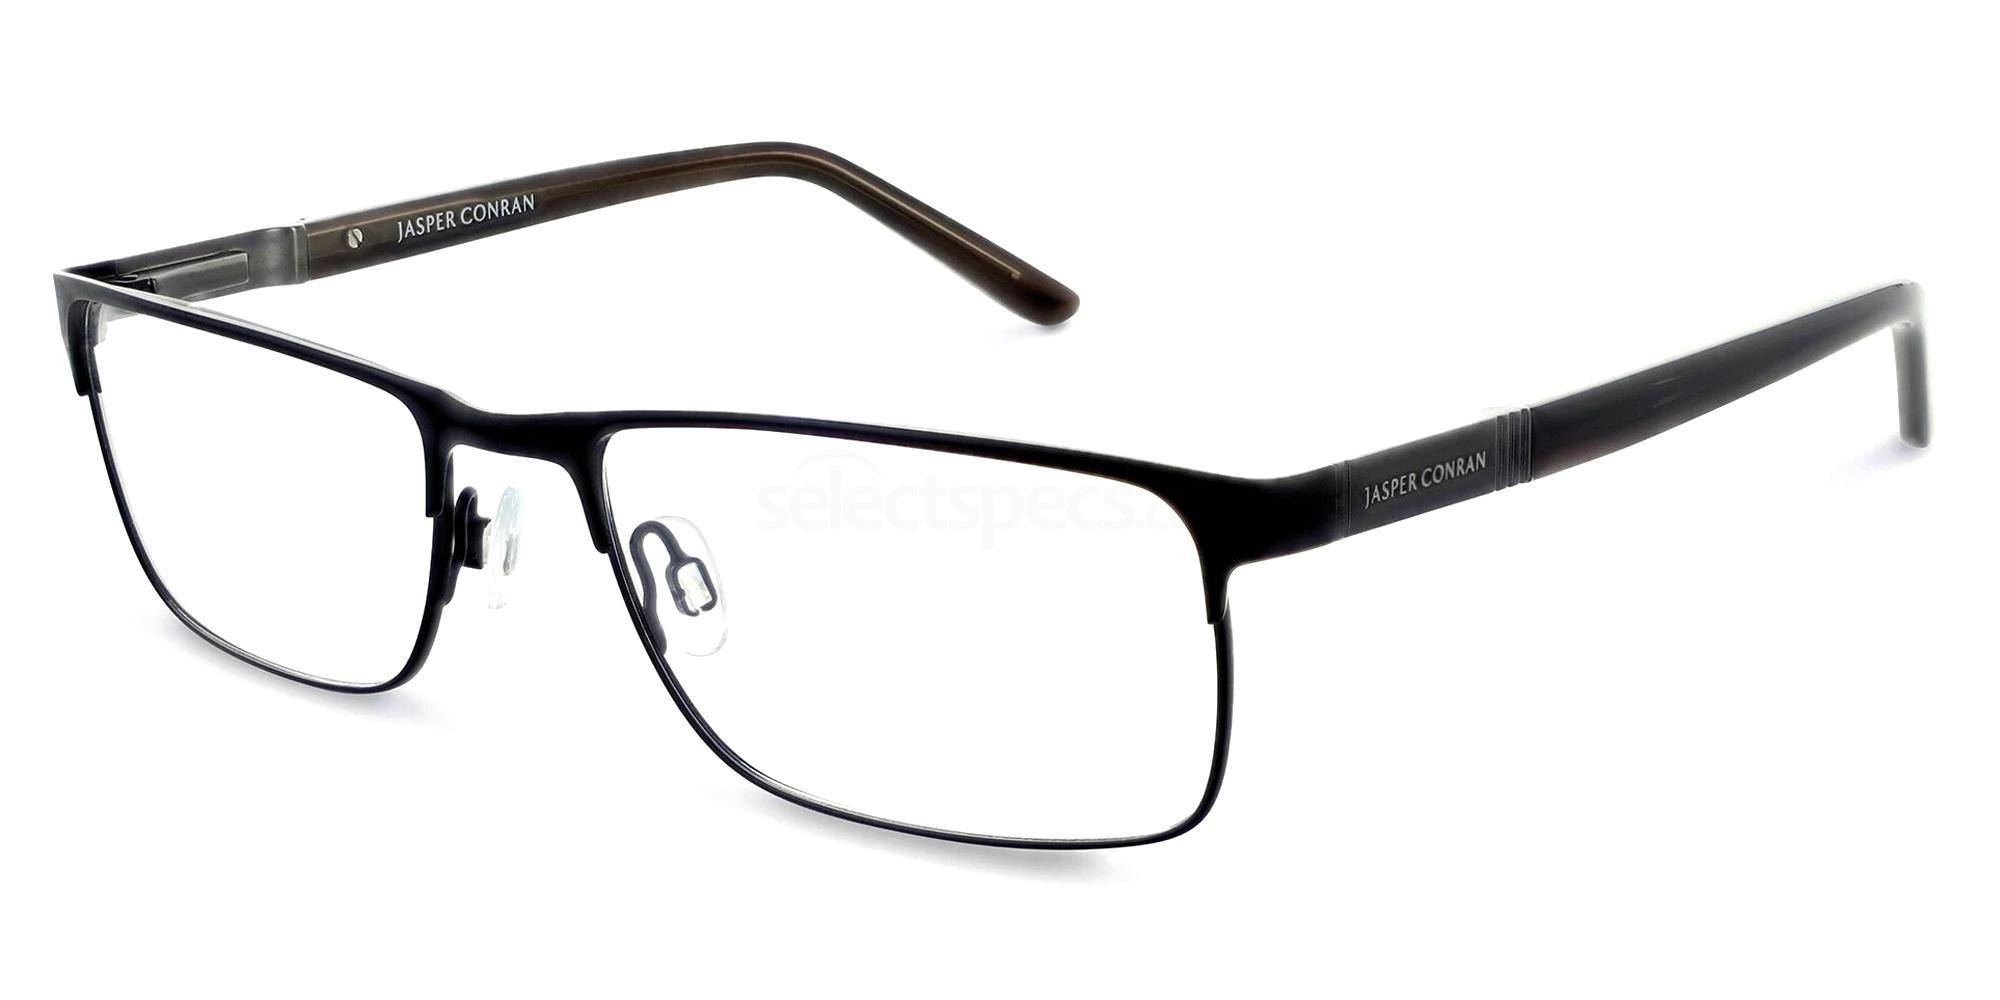 C1 JCM009 Glasses, Jasper Conran